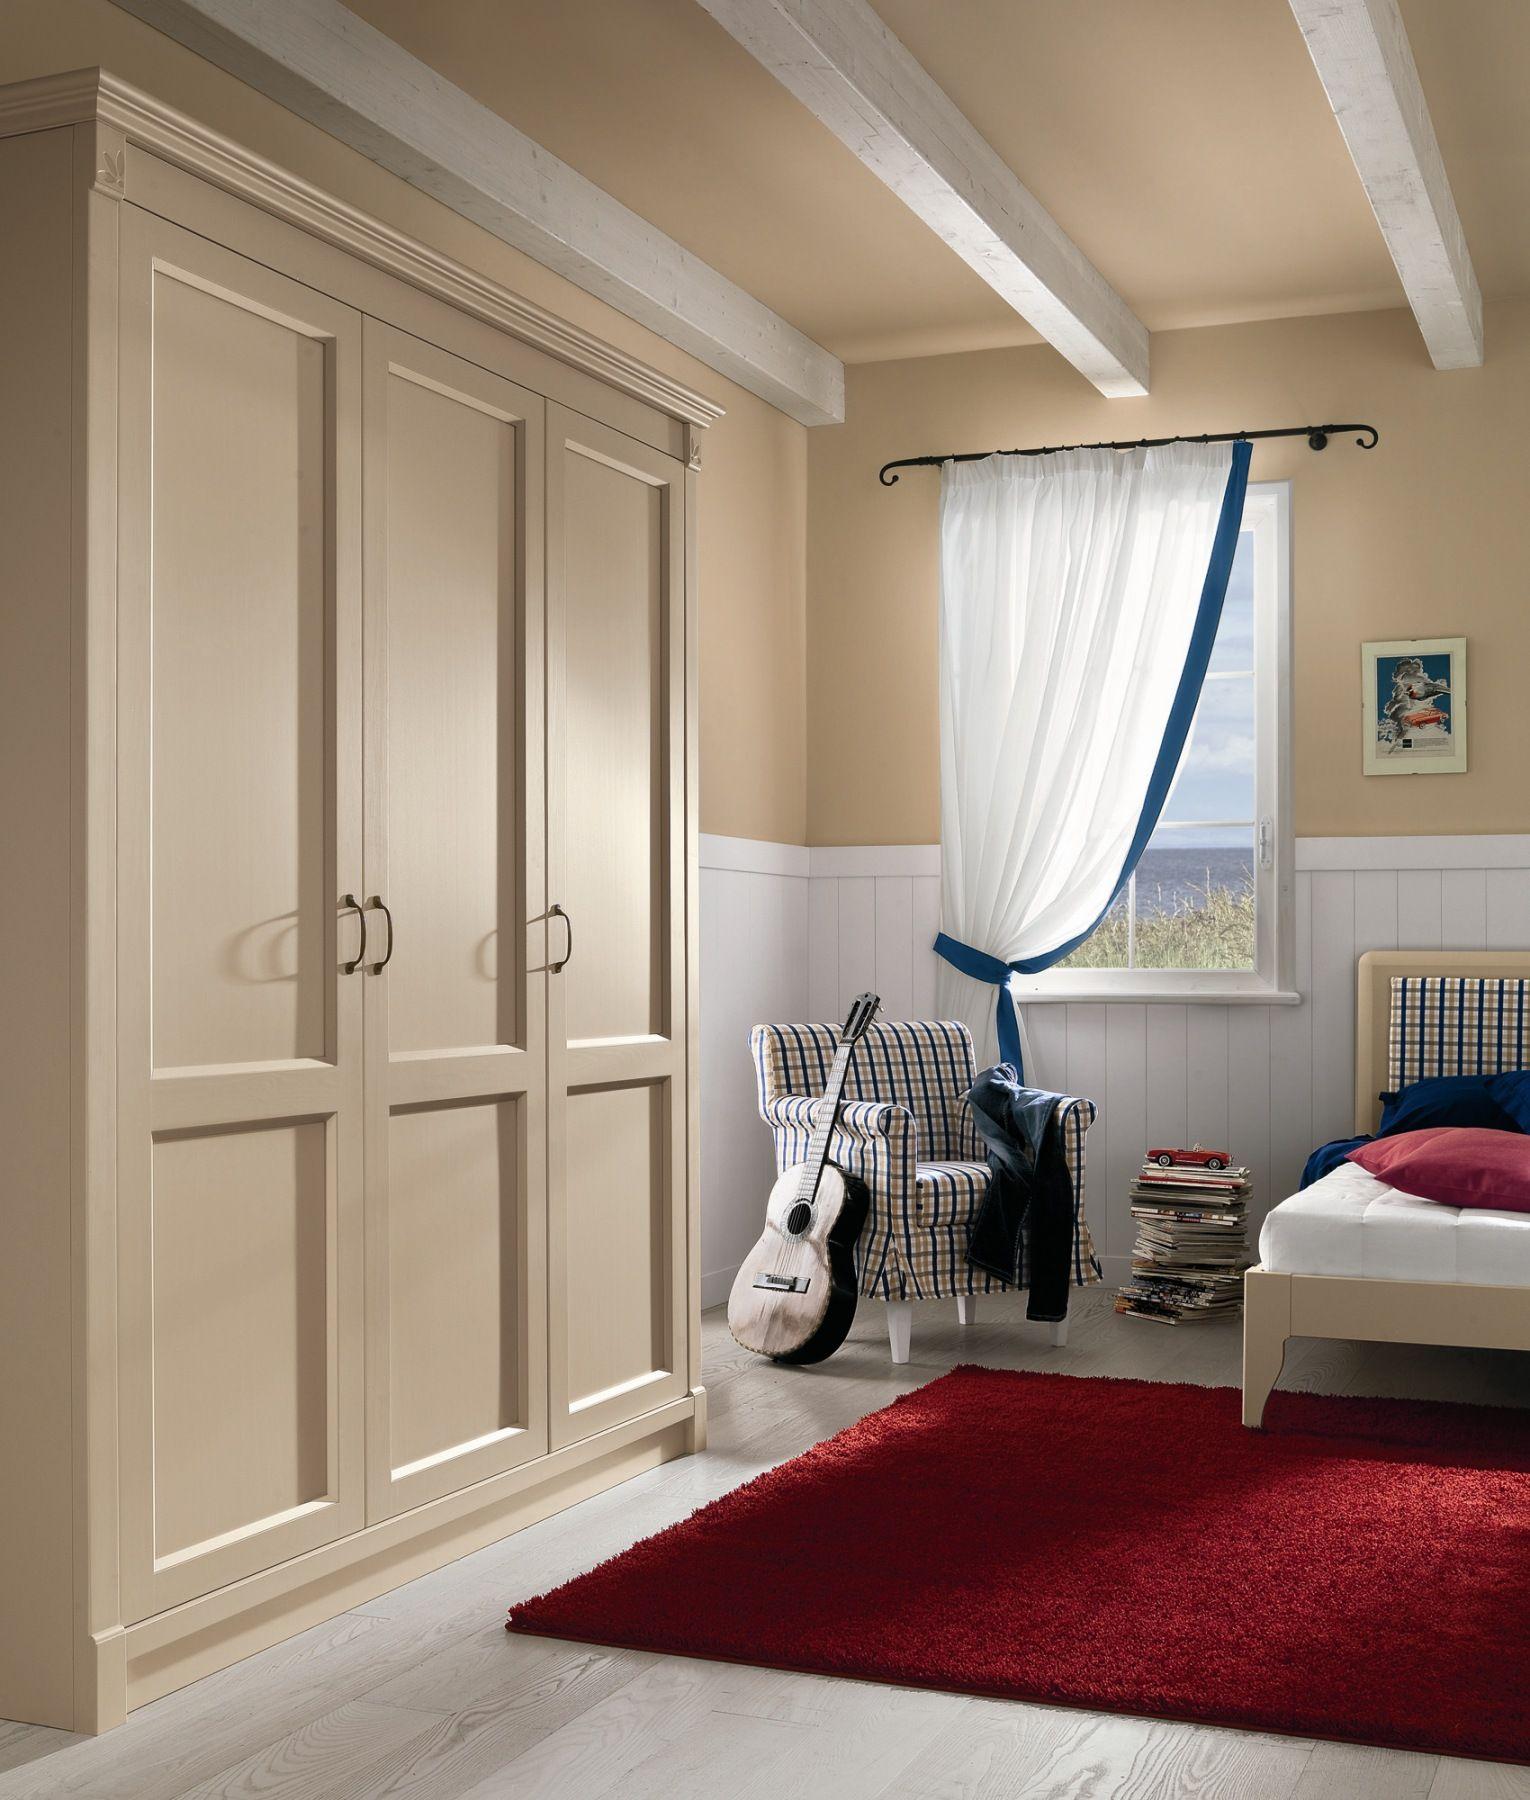 best chambre pour garcon de 12 ans ideas design trends | Fashion for ...